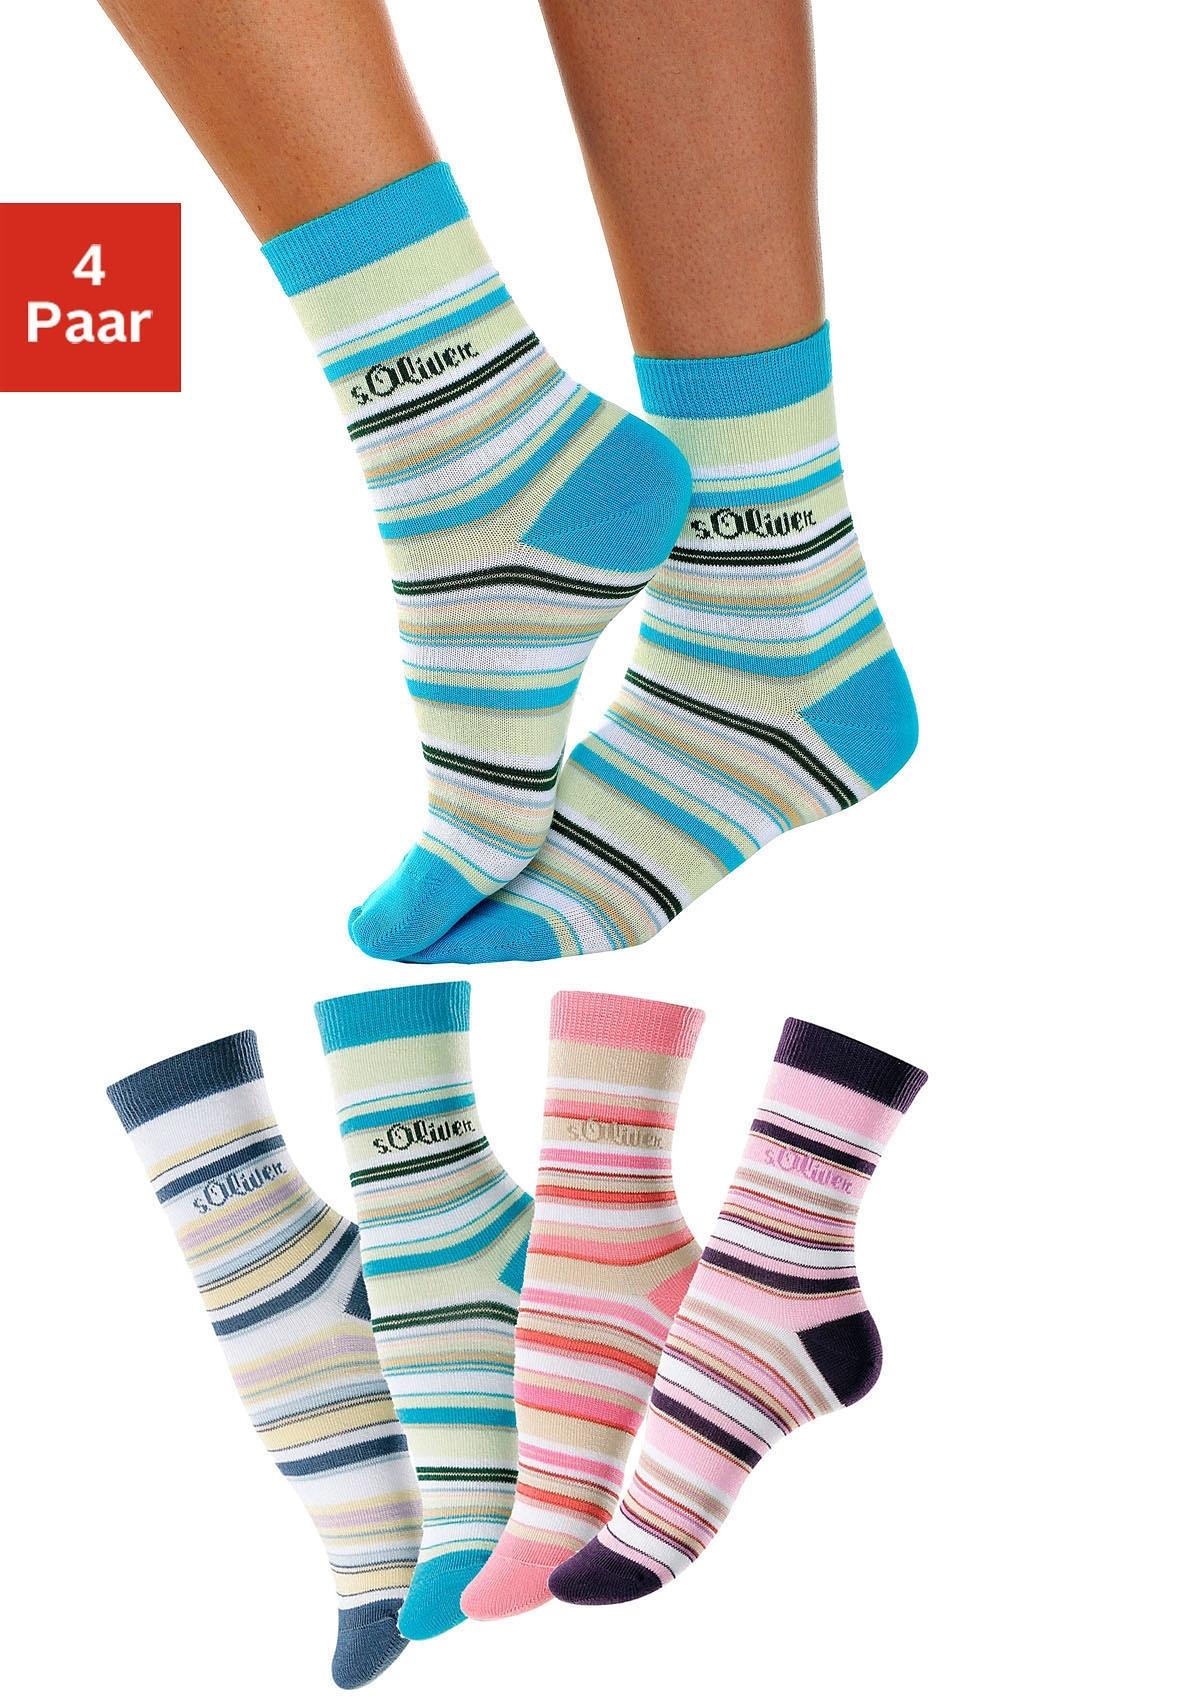 s.Oliver Gestreepte sokken, set van 4 paar veilig op otto.nl kopen